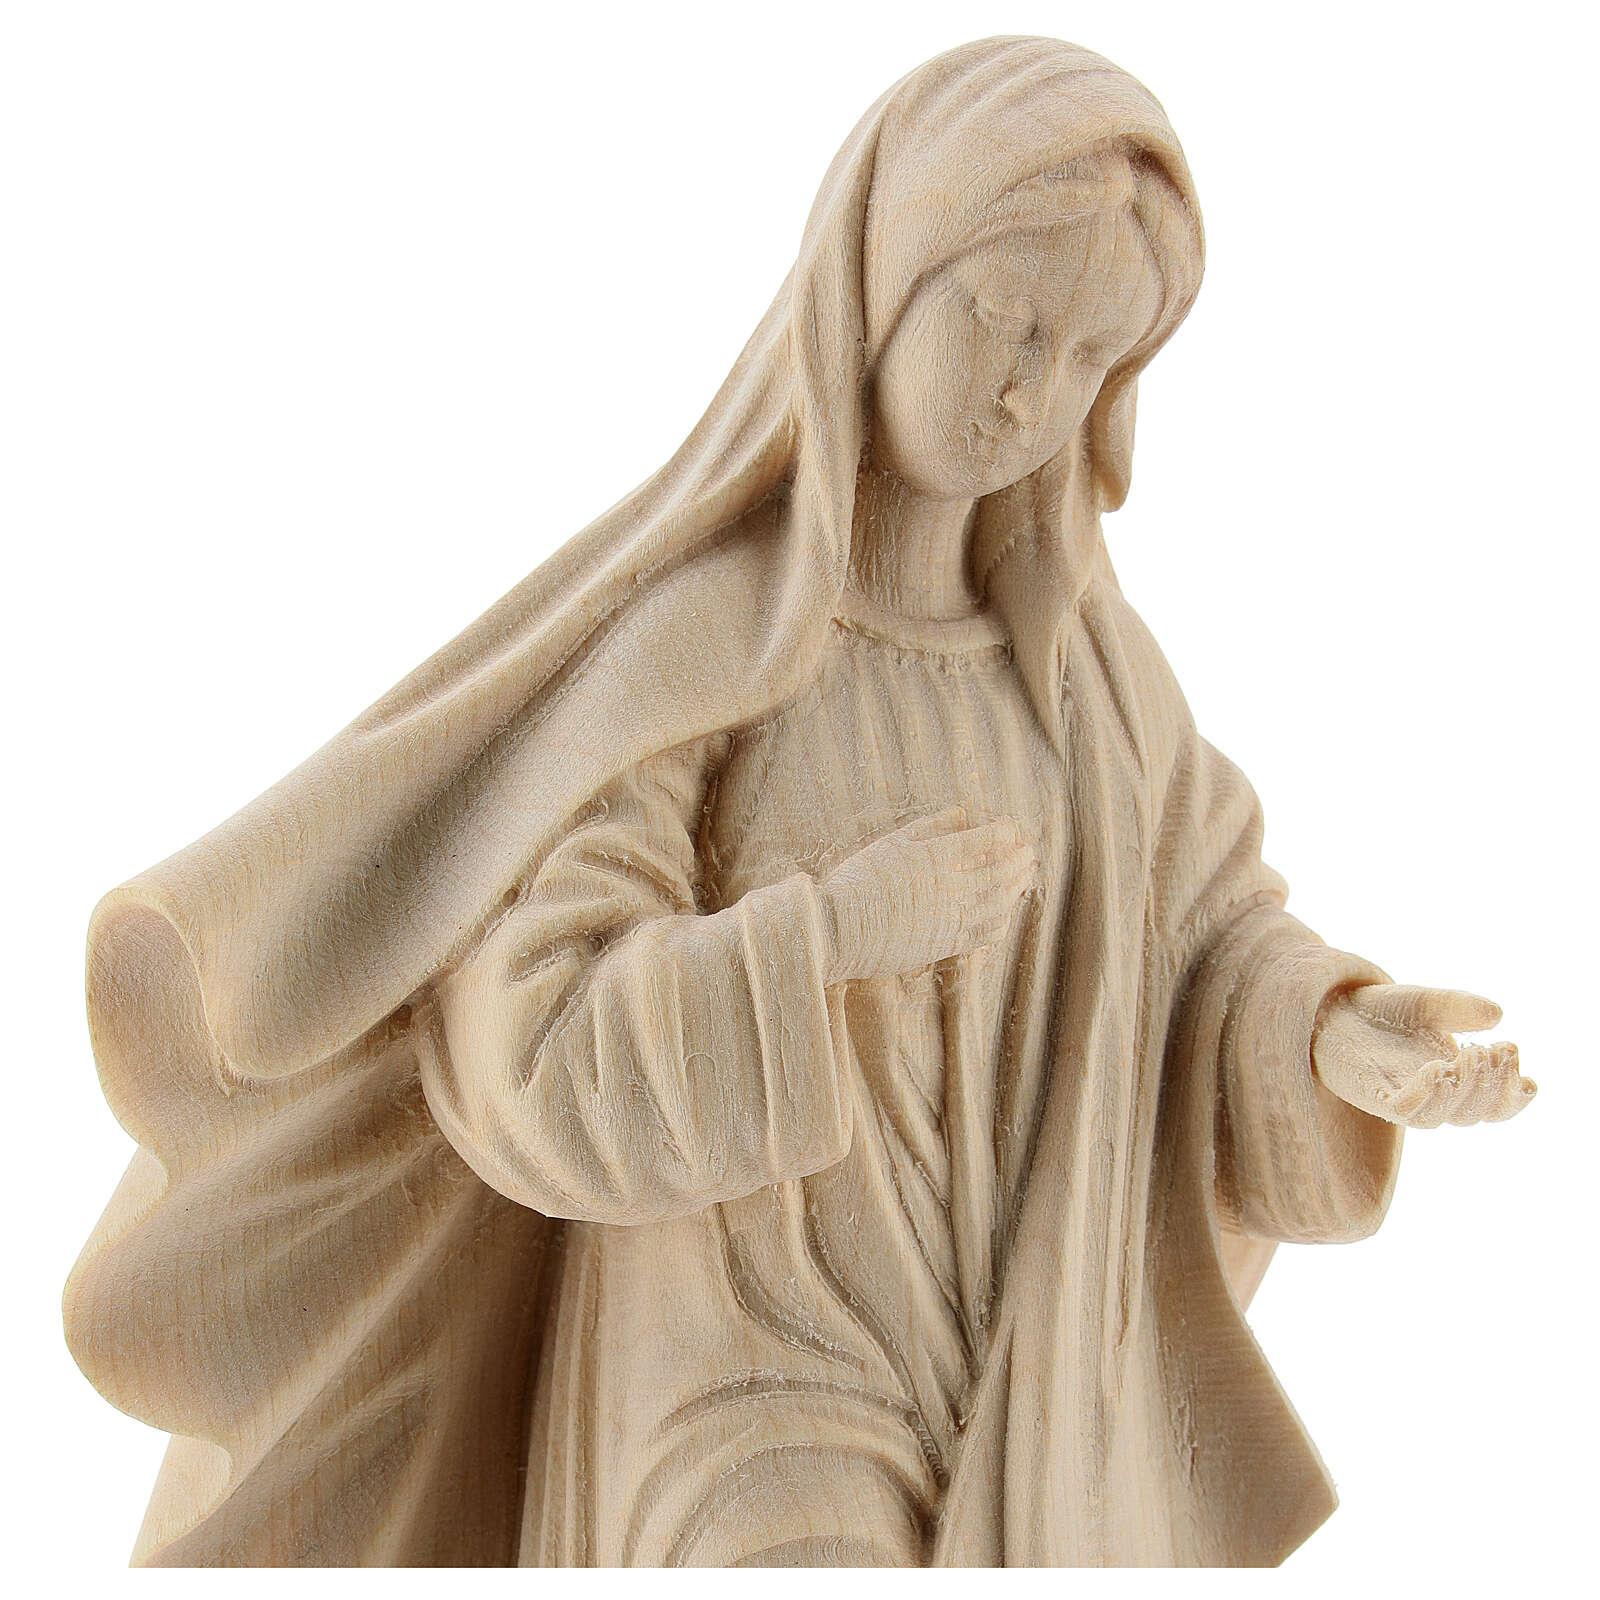 Madonna of Medjugorjie 4